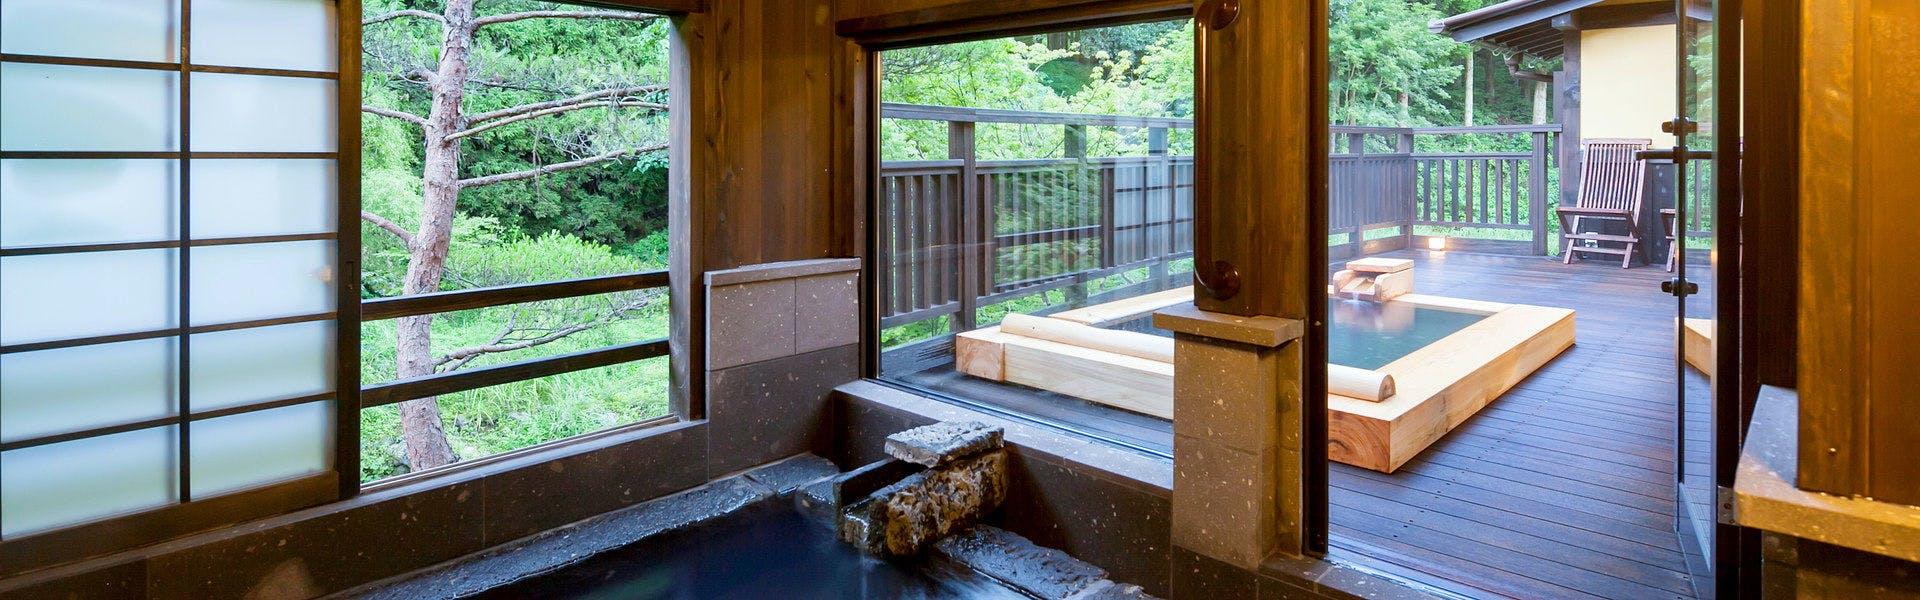 記念日におすすめのホテル・黒川温泉 旅館 山河の写真3